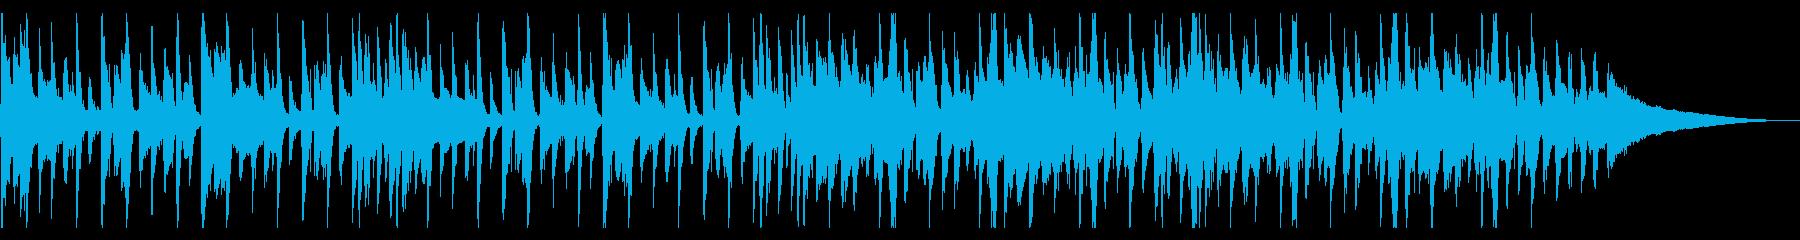 爽やかなハウス_5の再生済みの波形